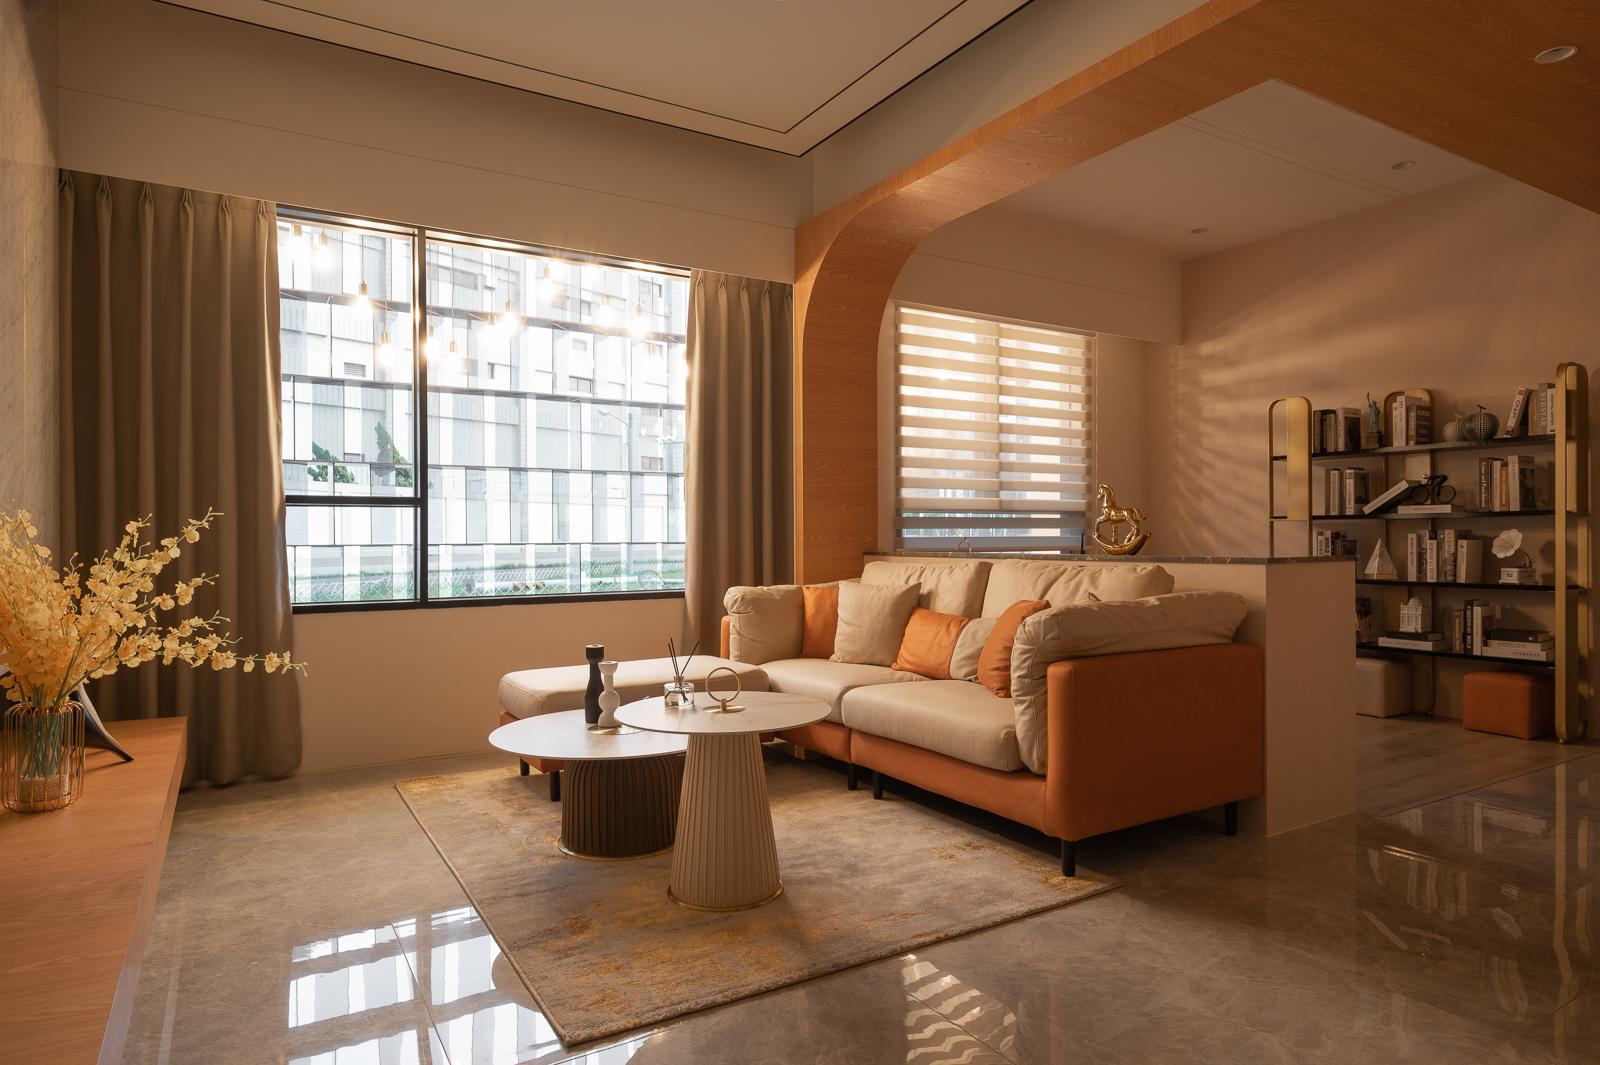 派大影相,丰舜設計,派大楊,室內設計,空間攝影,Interiors,建築攝影,森想家居,軟裝,允將海安,